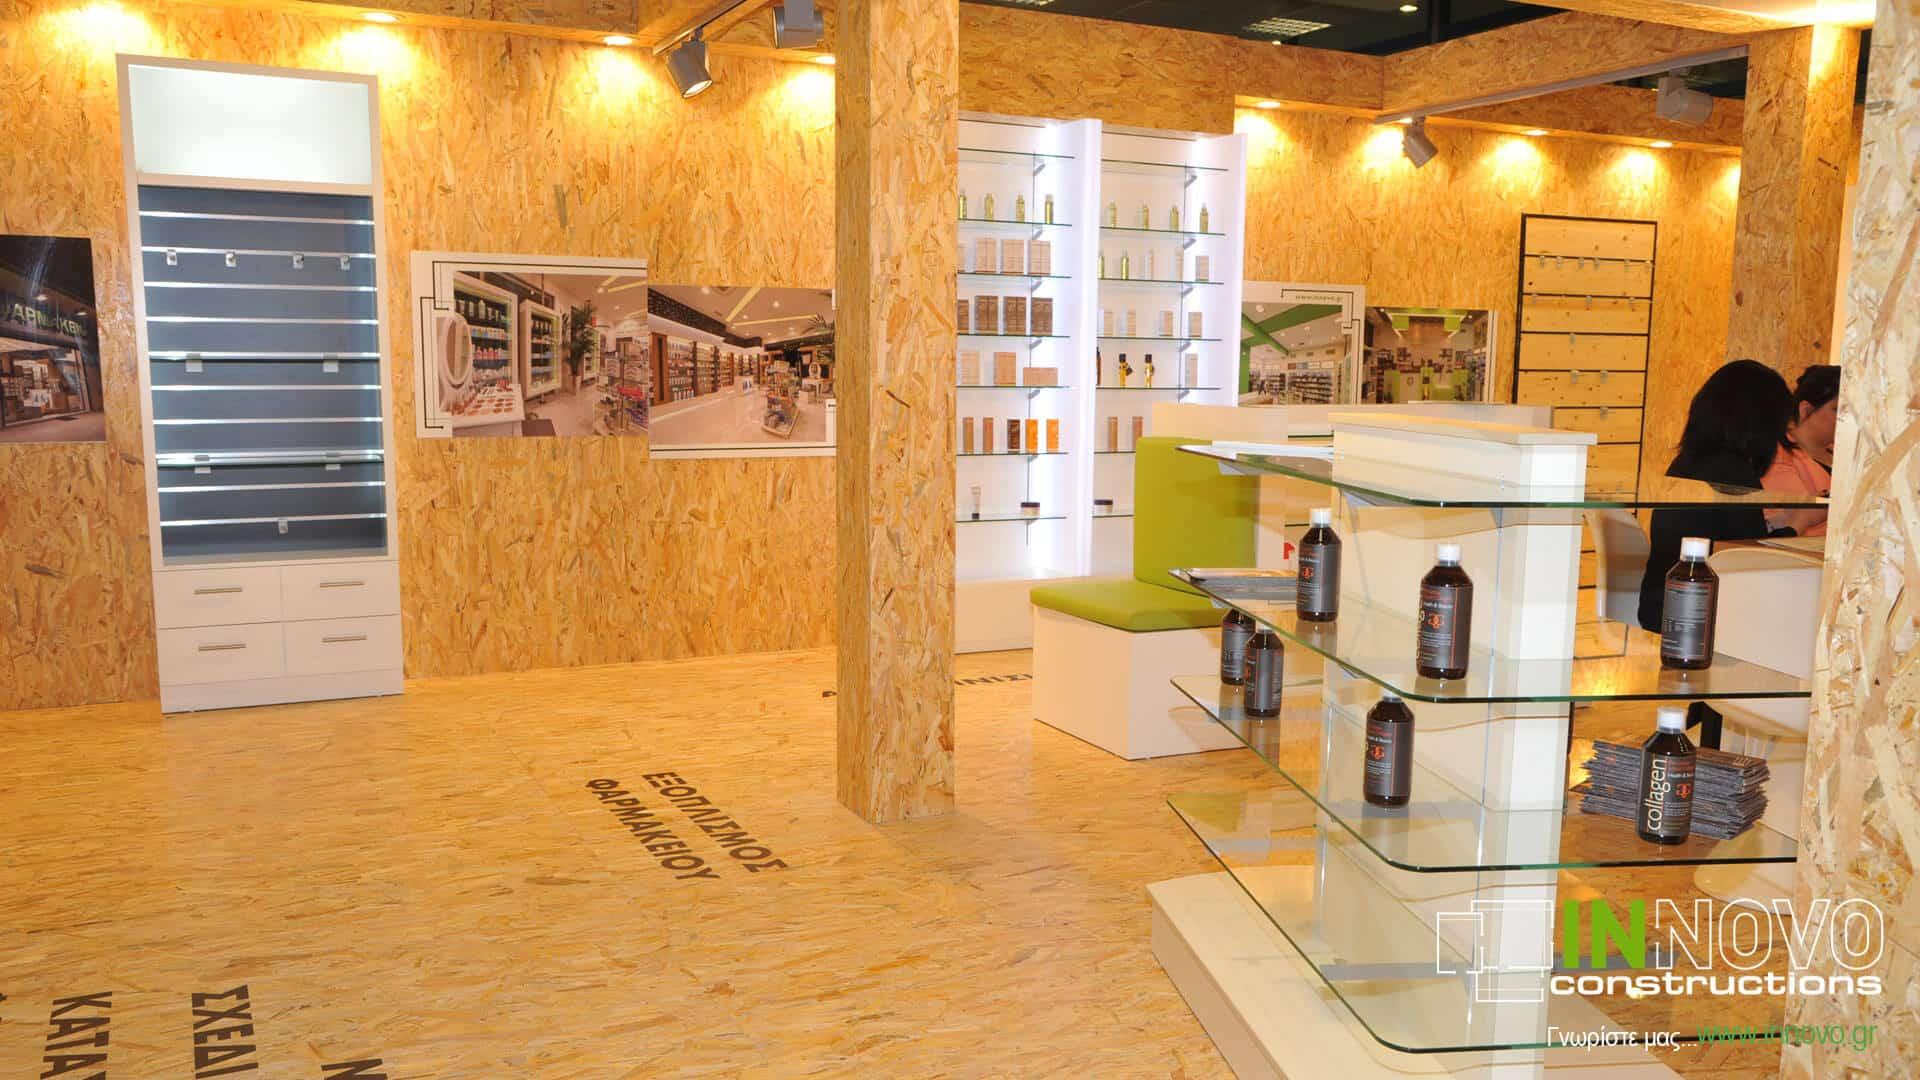 kataskevi-peripterou-exhibition-stand-construction-periptero-mas-hellaspharm2014-8-2